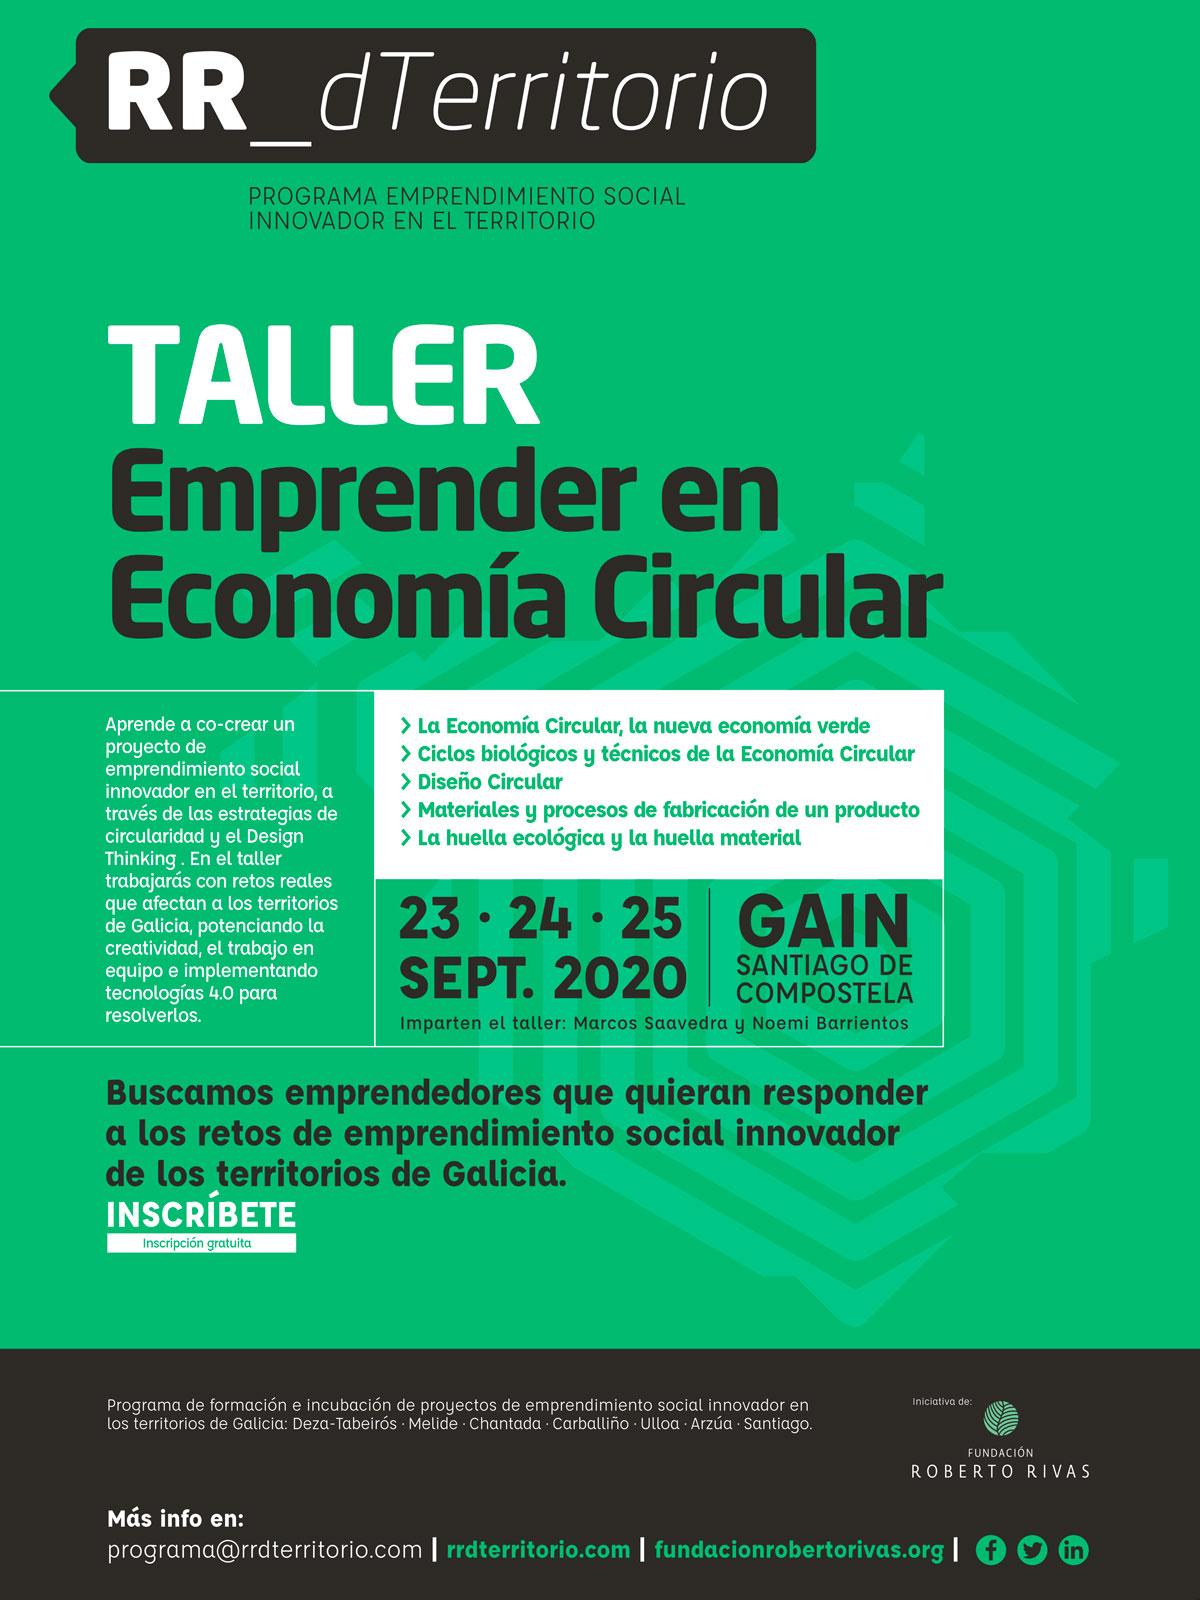 Taller Emprender en Economía Circular